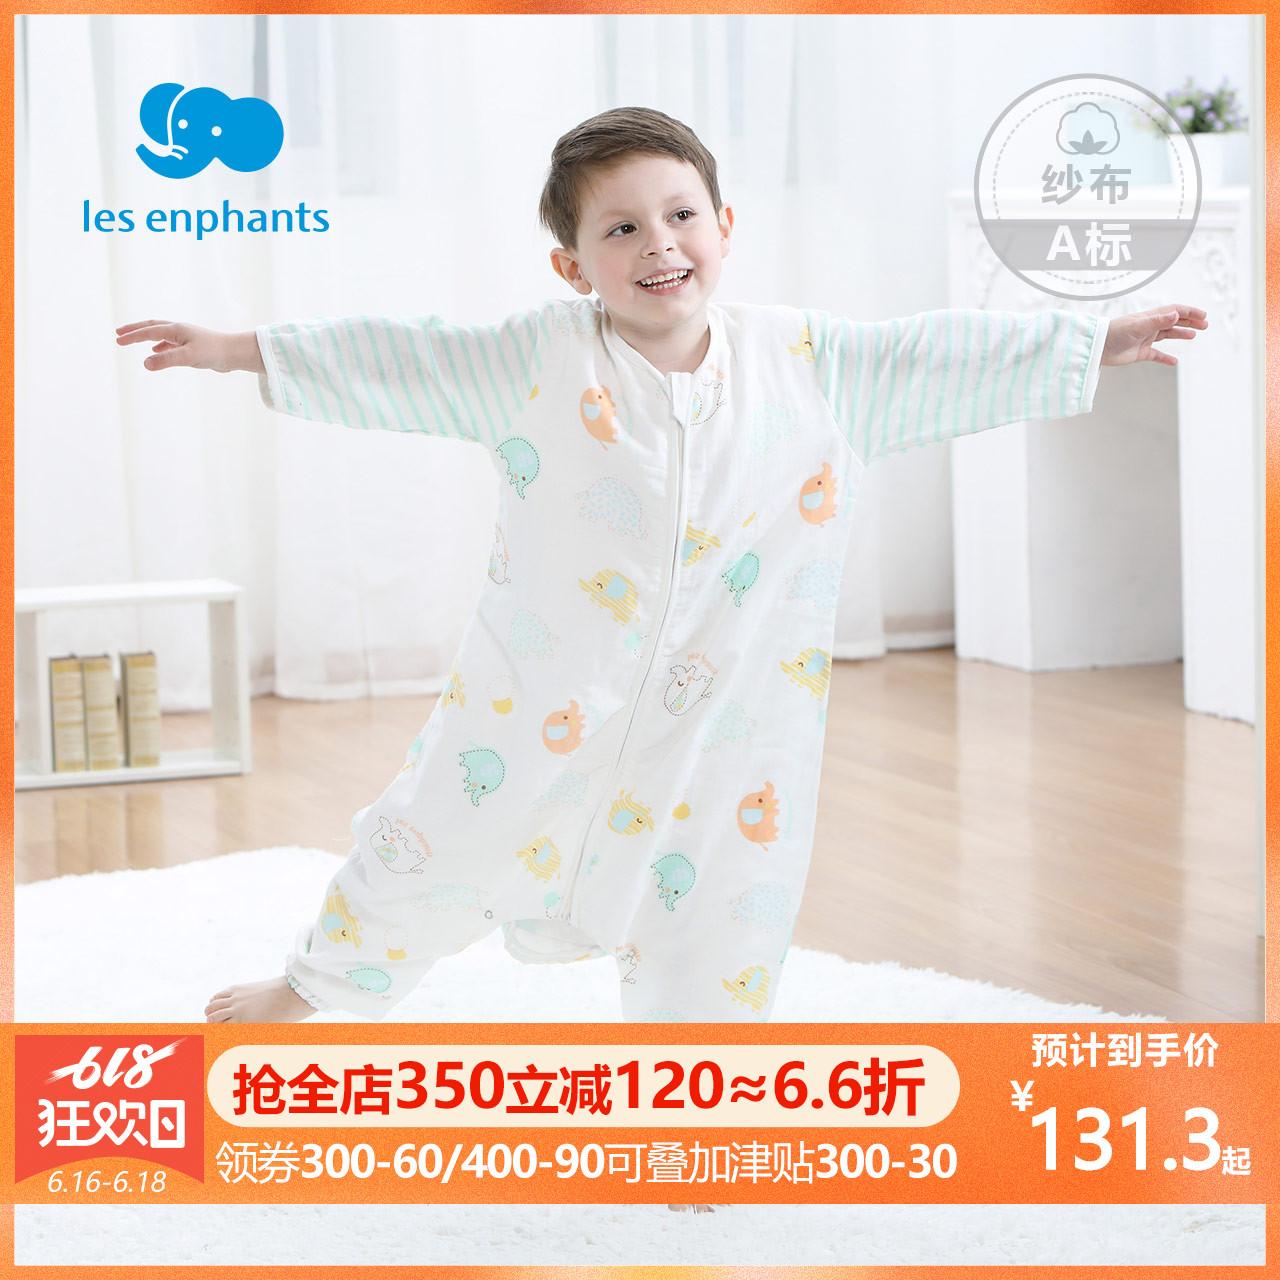 丽婴房寝具男女宝宝纱布柔软舒适分腿睡袋薄款防踢睡袋空调房睡袋